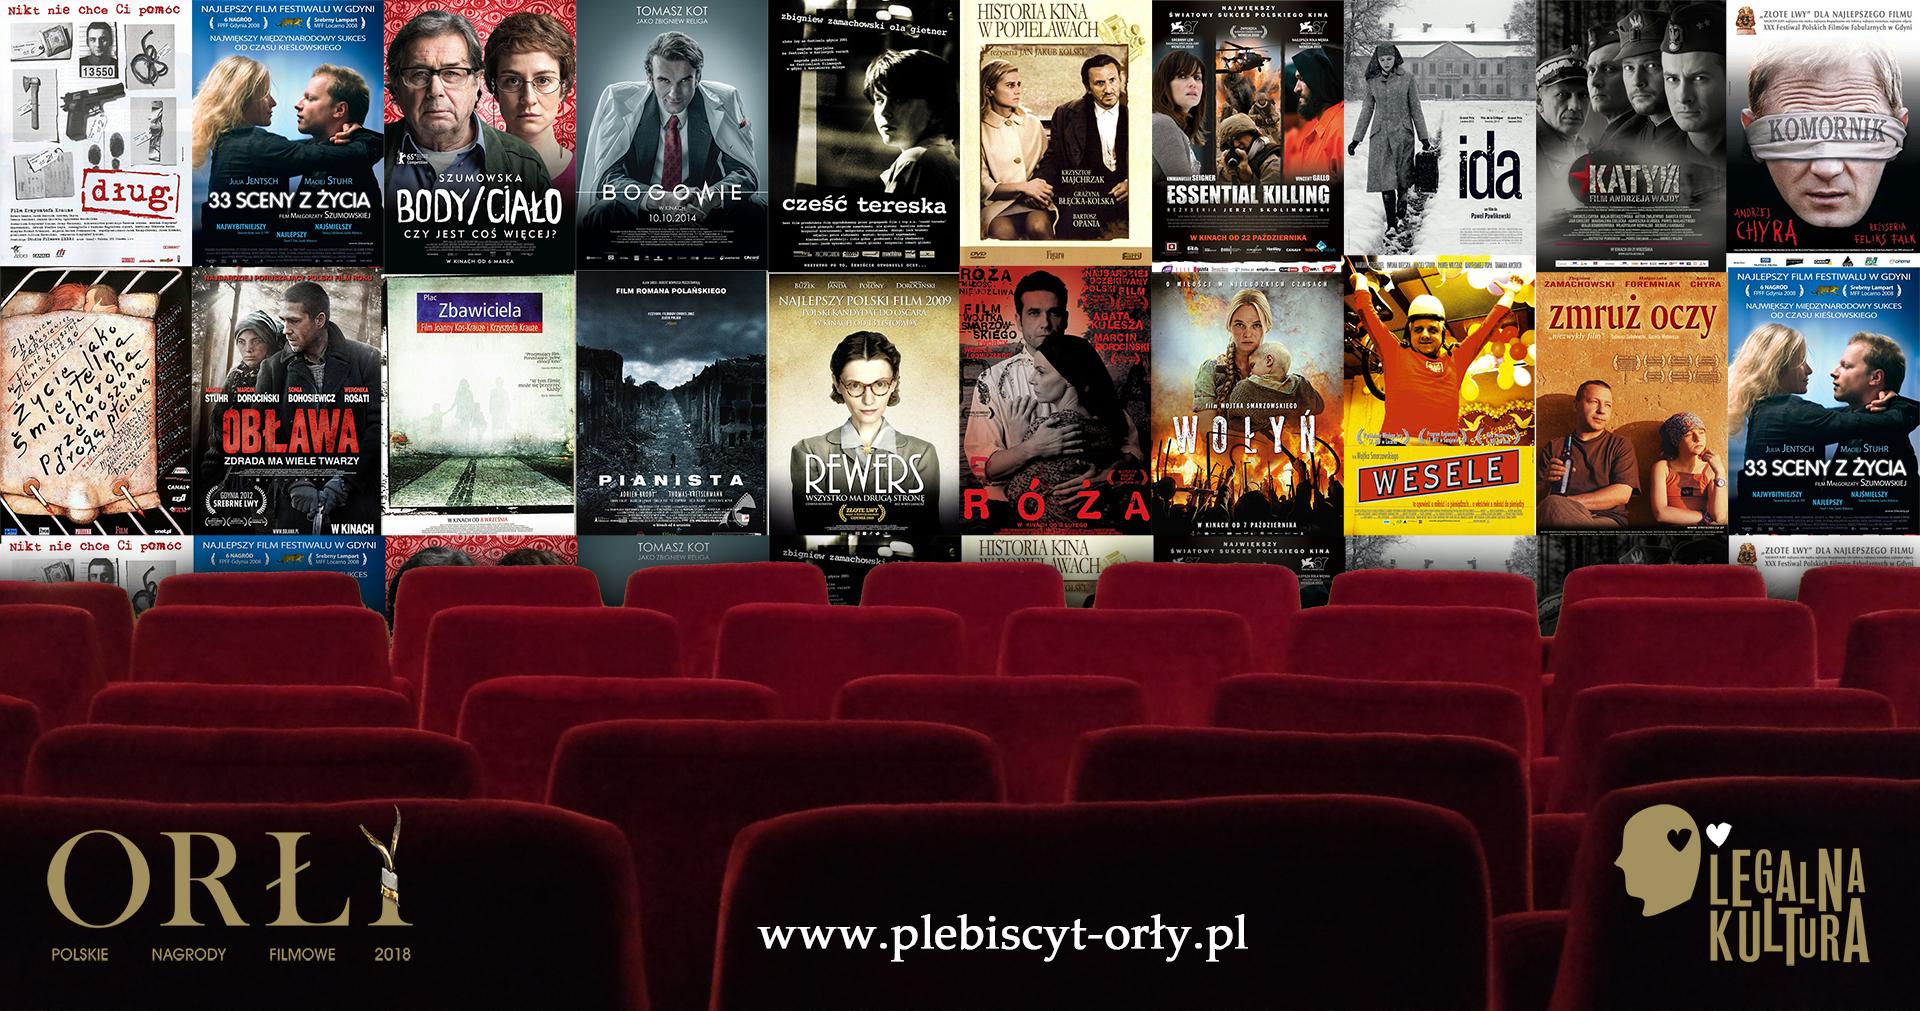 plebiscyt_orly_napis